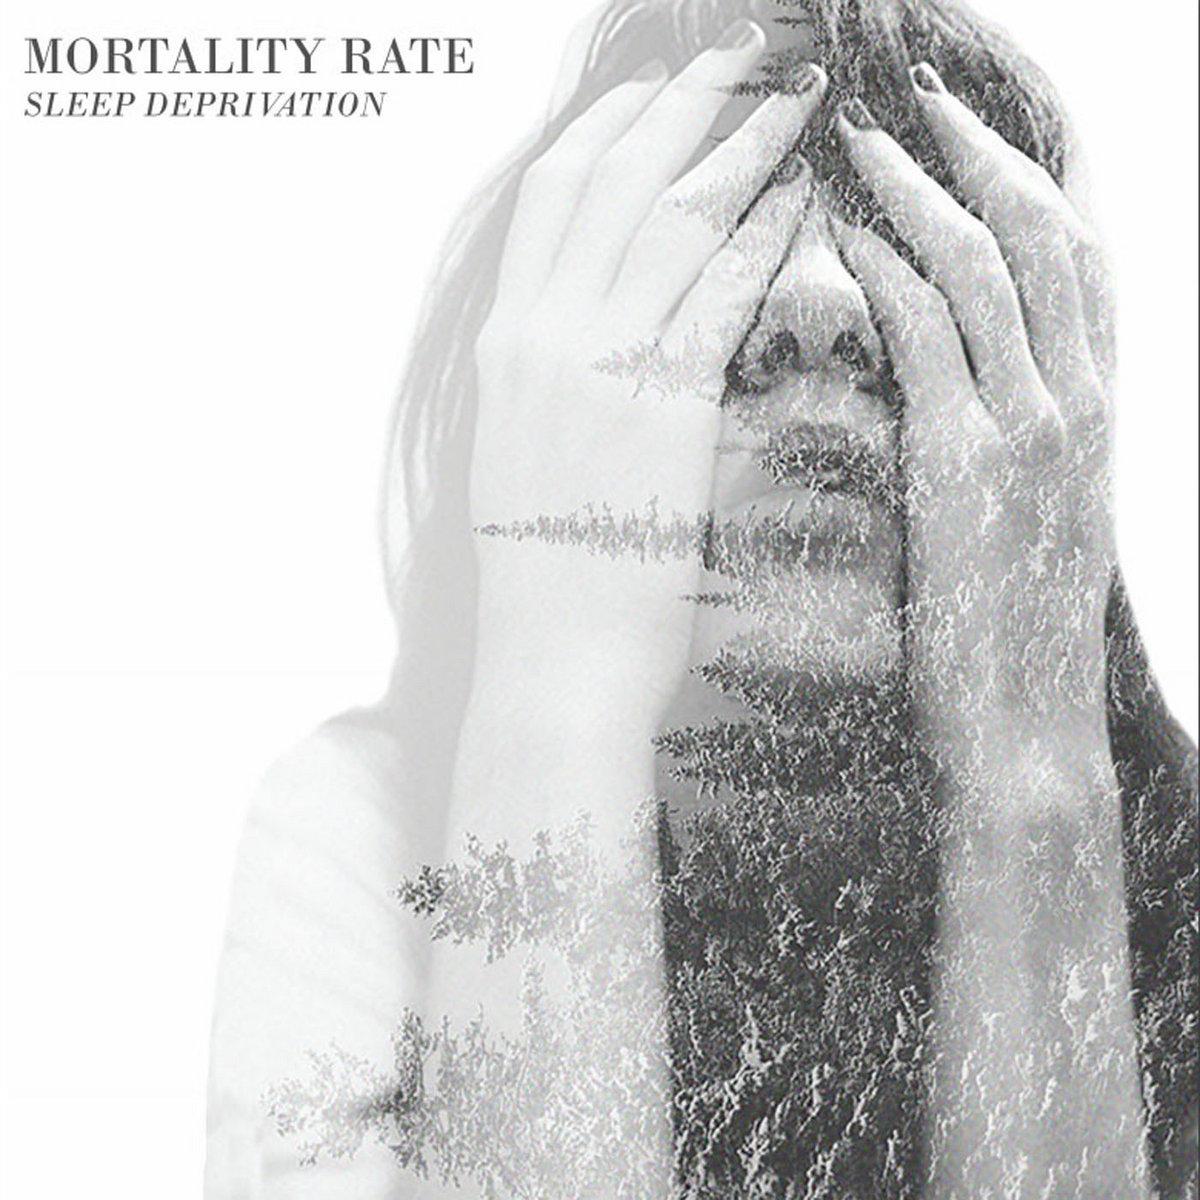 Nerve Damage | Mortality Rate